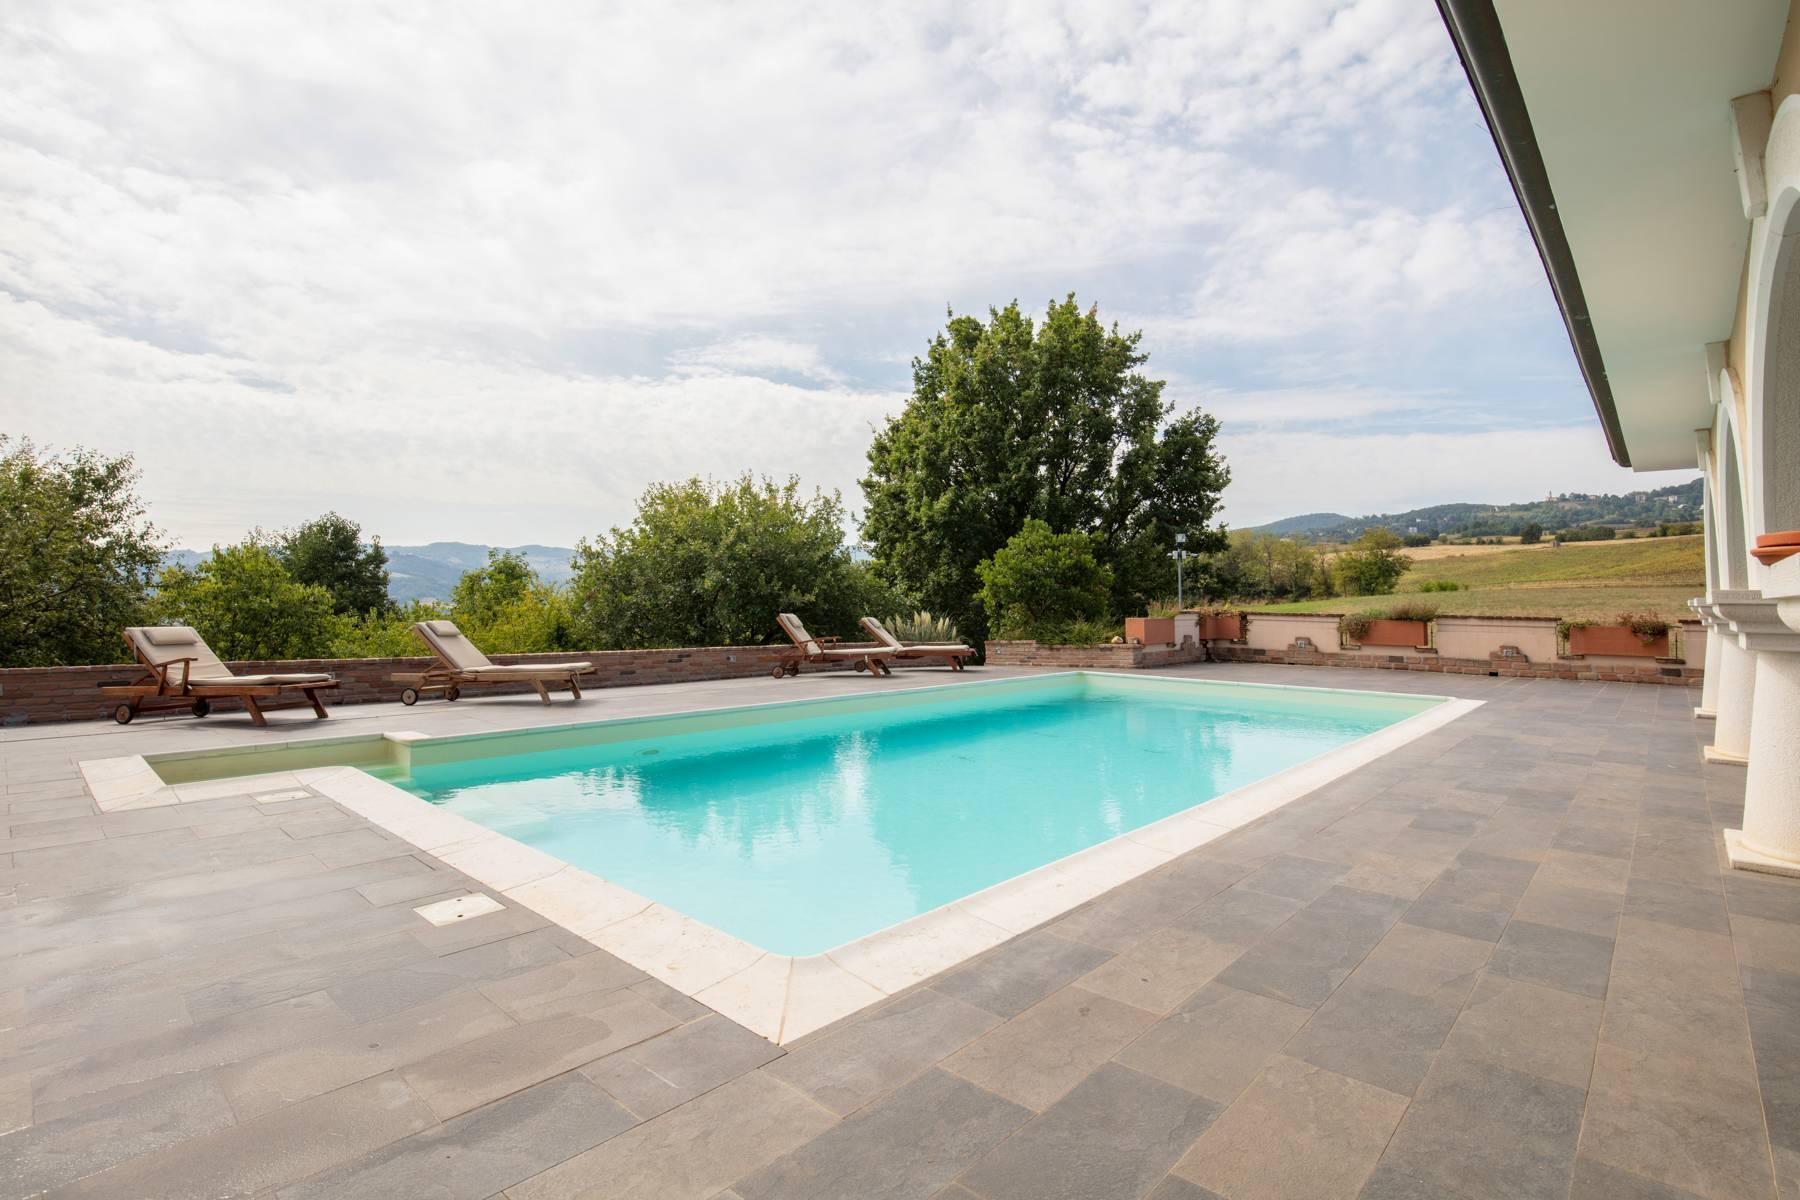 Villa con piscina nelle colline piacentine - 4